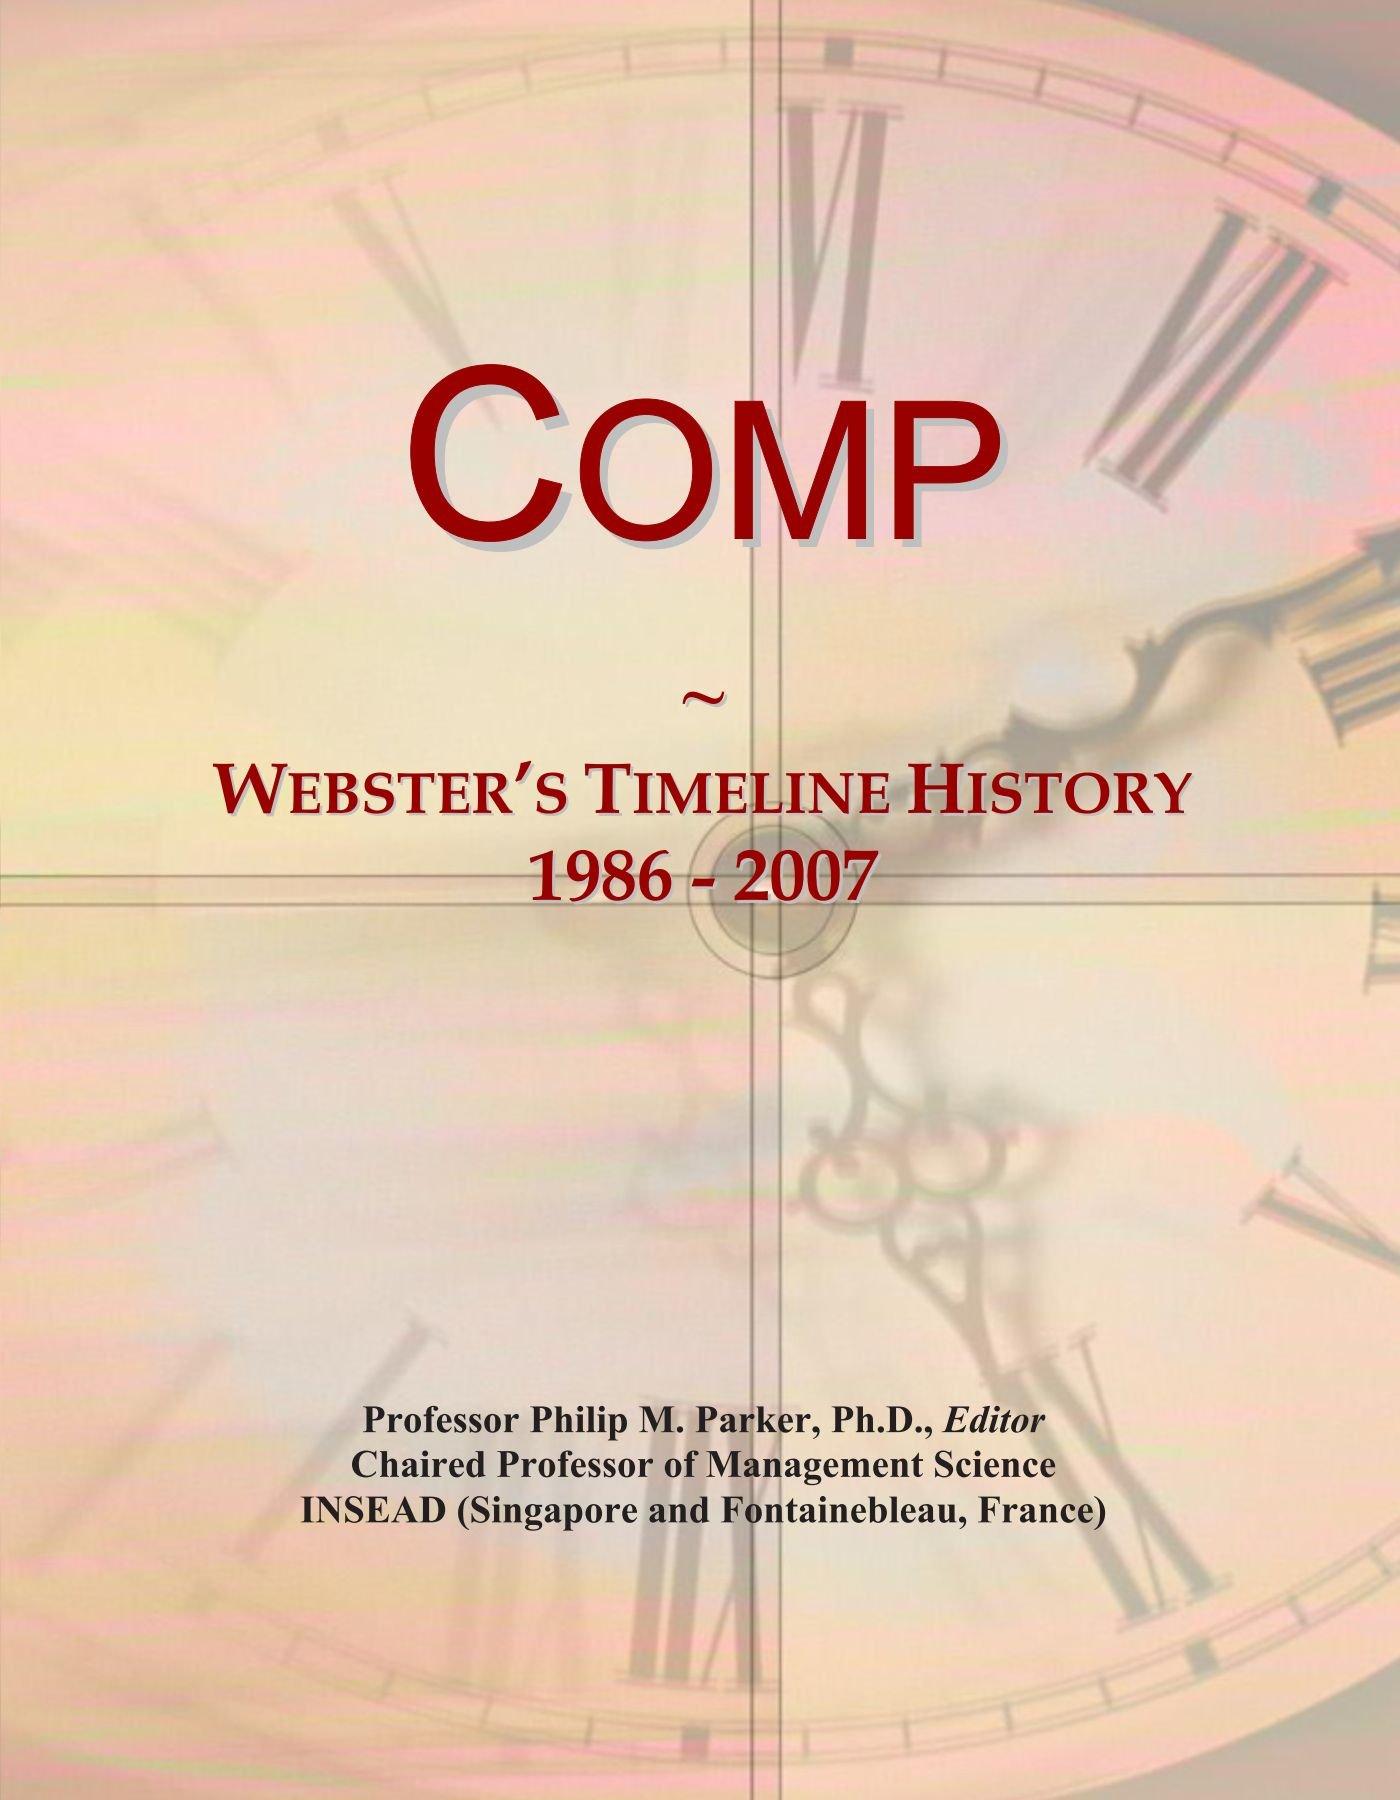 Comp: Webster's Timeline History, 1986 - 2007 ebook